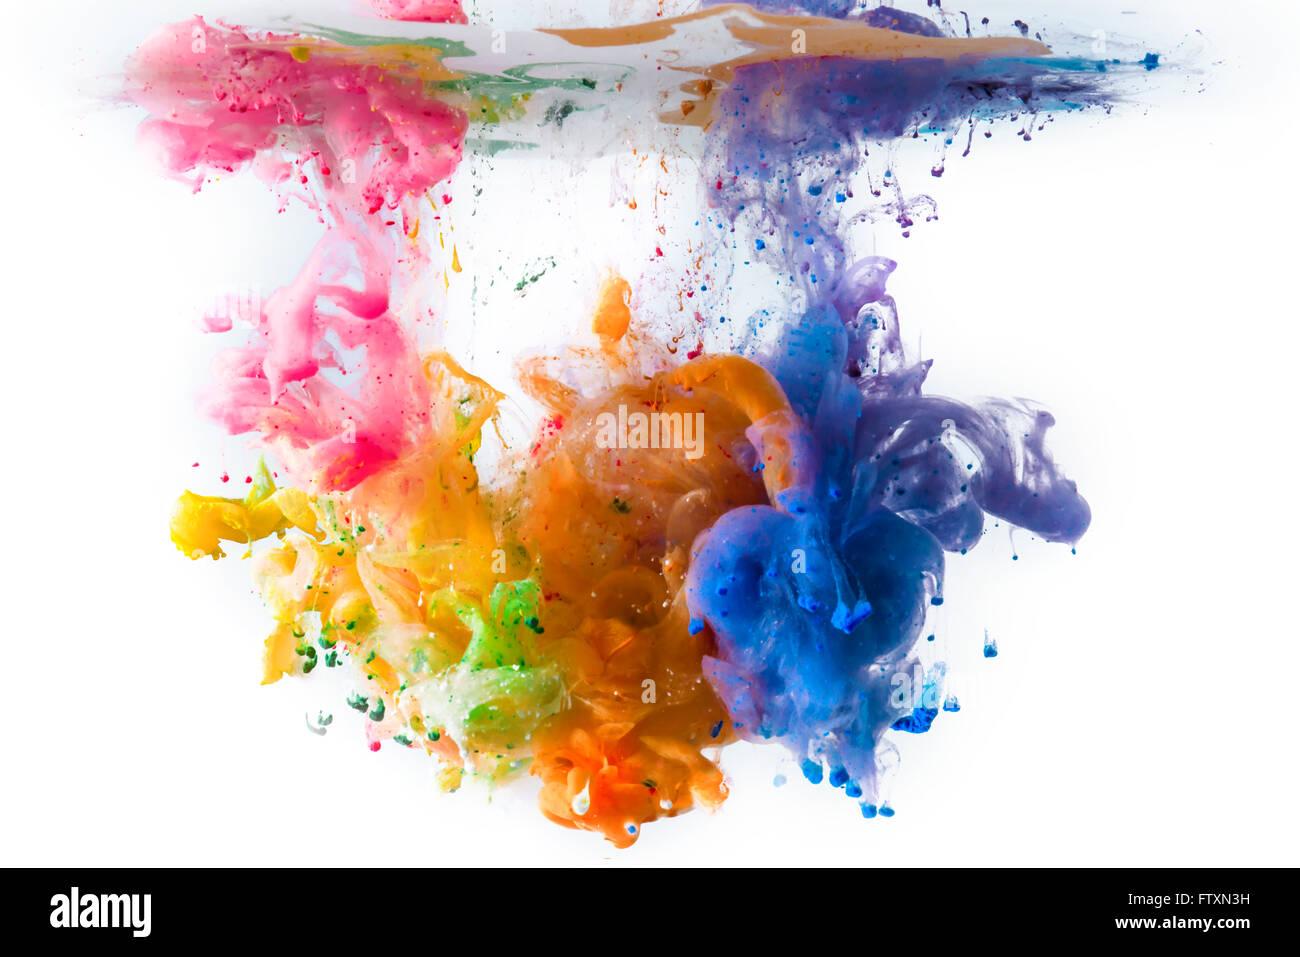 Multi-couleur peinture acrylique dissolvant dans l'eau Photo Stock